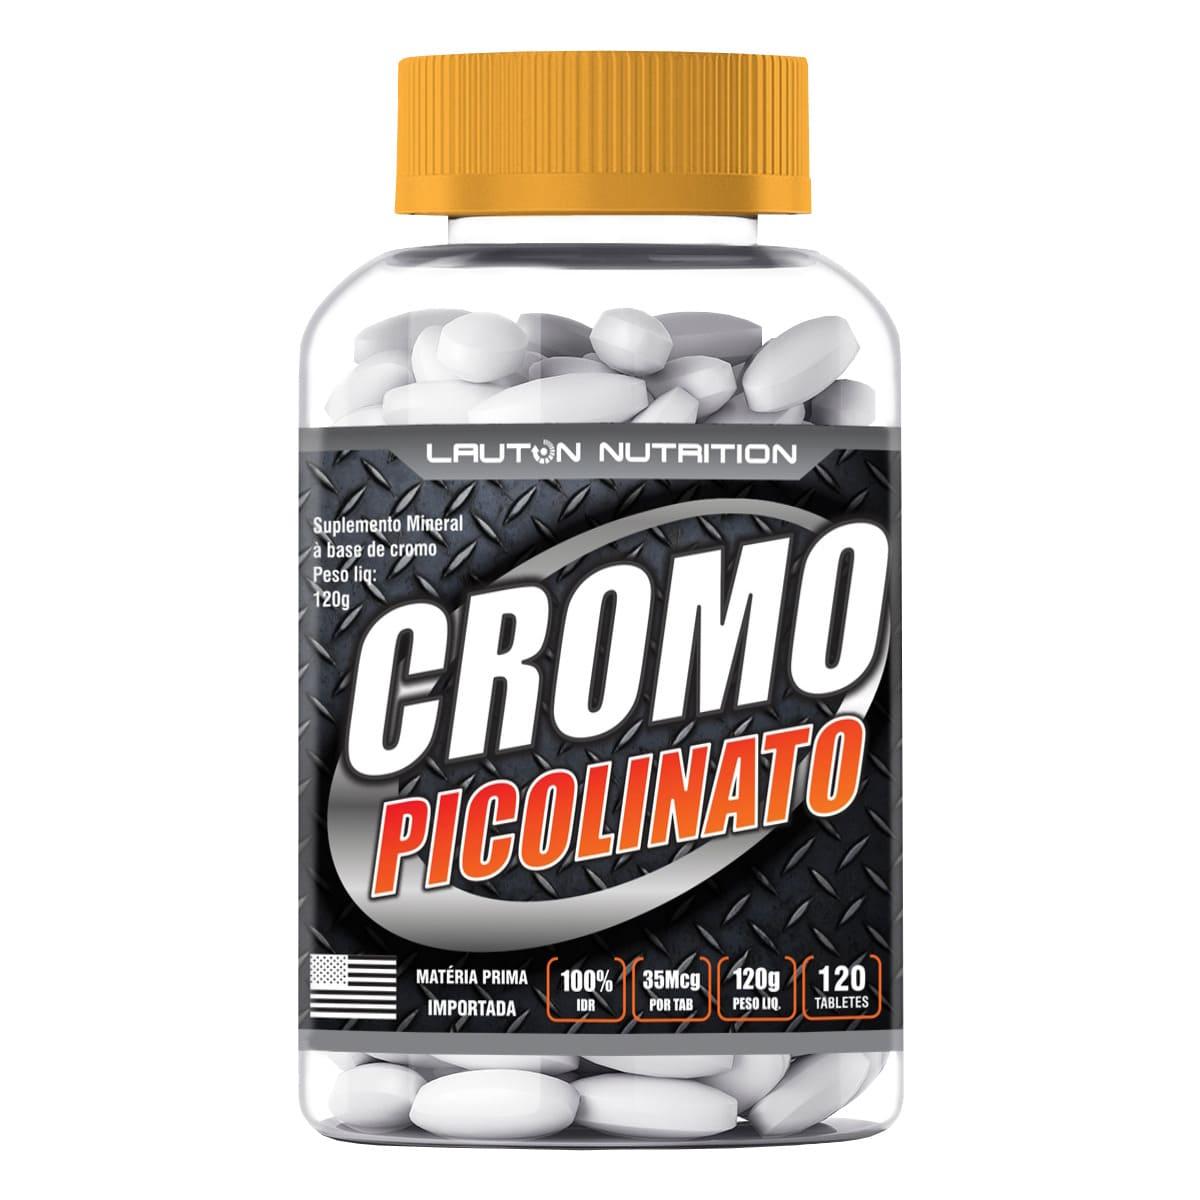 Picolinato de Cromo Lauton Nutrition - 120 Comp 1000mg